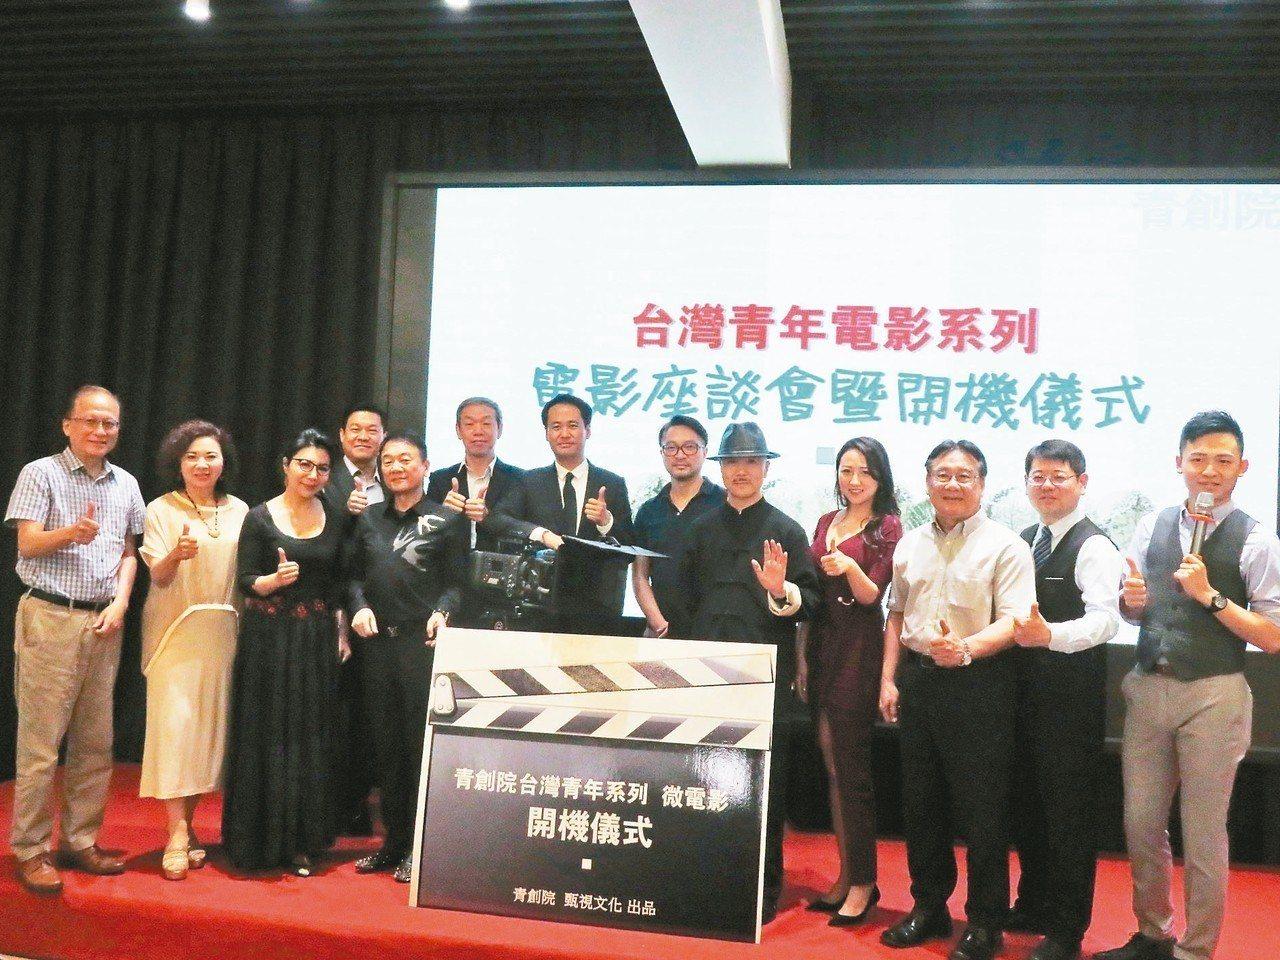 「台灣青年電影系列」15日在上海舉行開機儀式,預計拍攝一系列台青大陸創業微電影。...